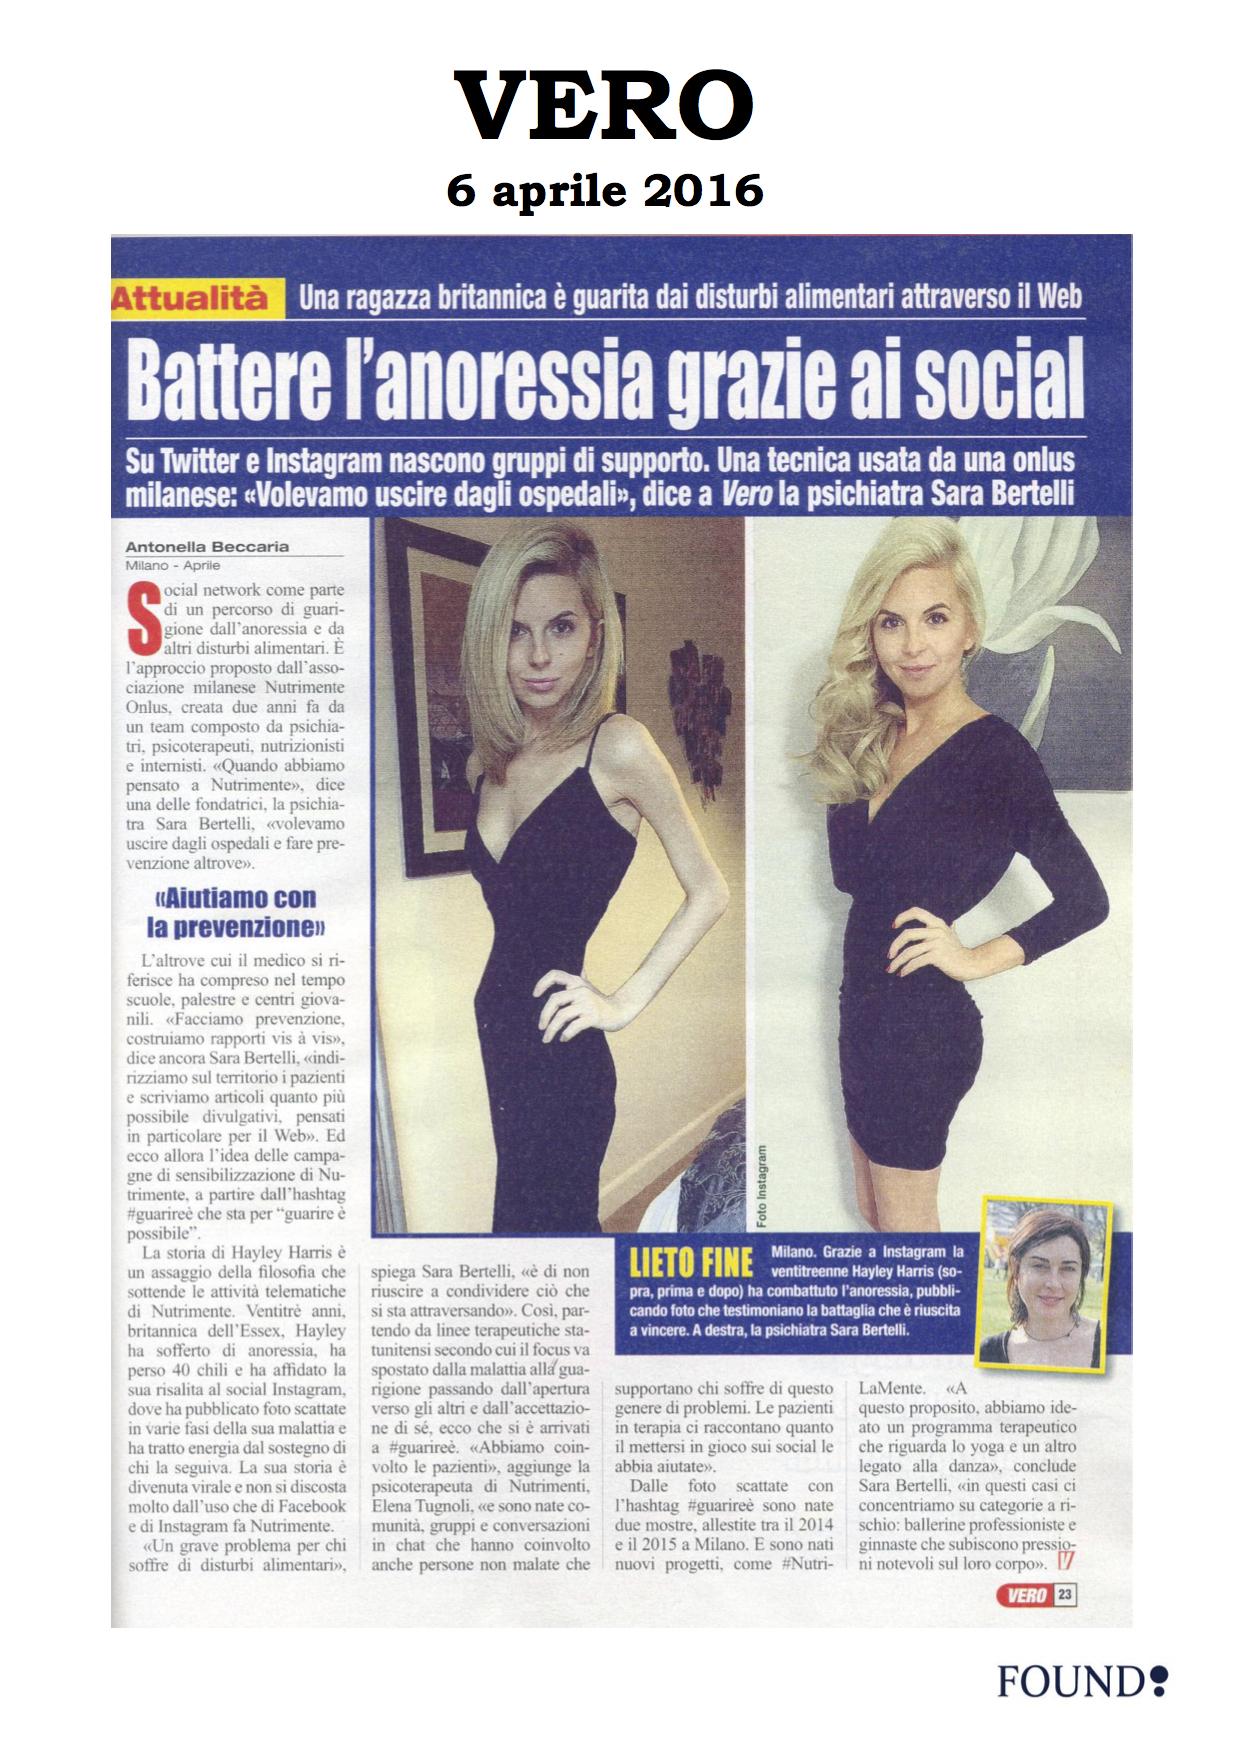 Vero 6 aprile 2016 (Social anoressia)